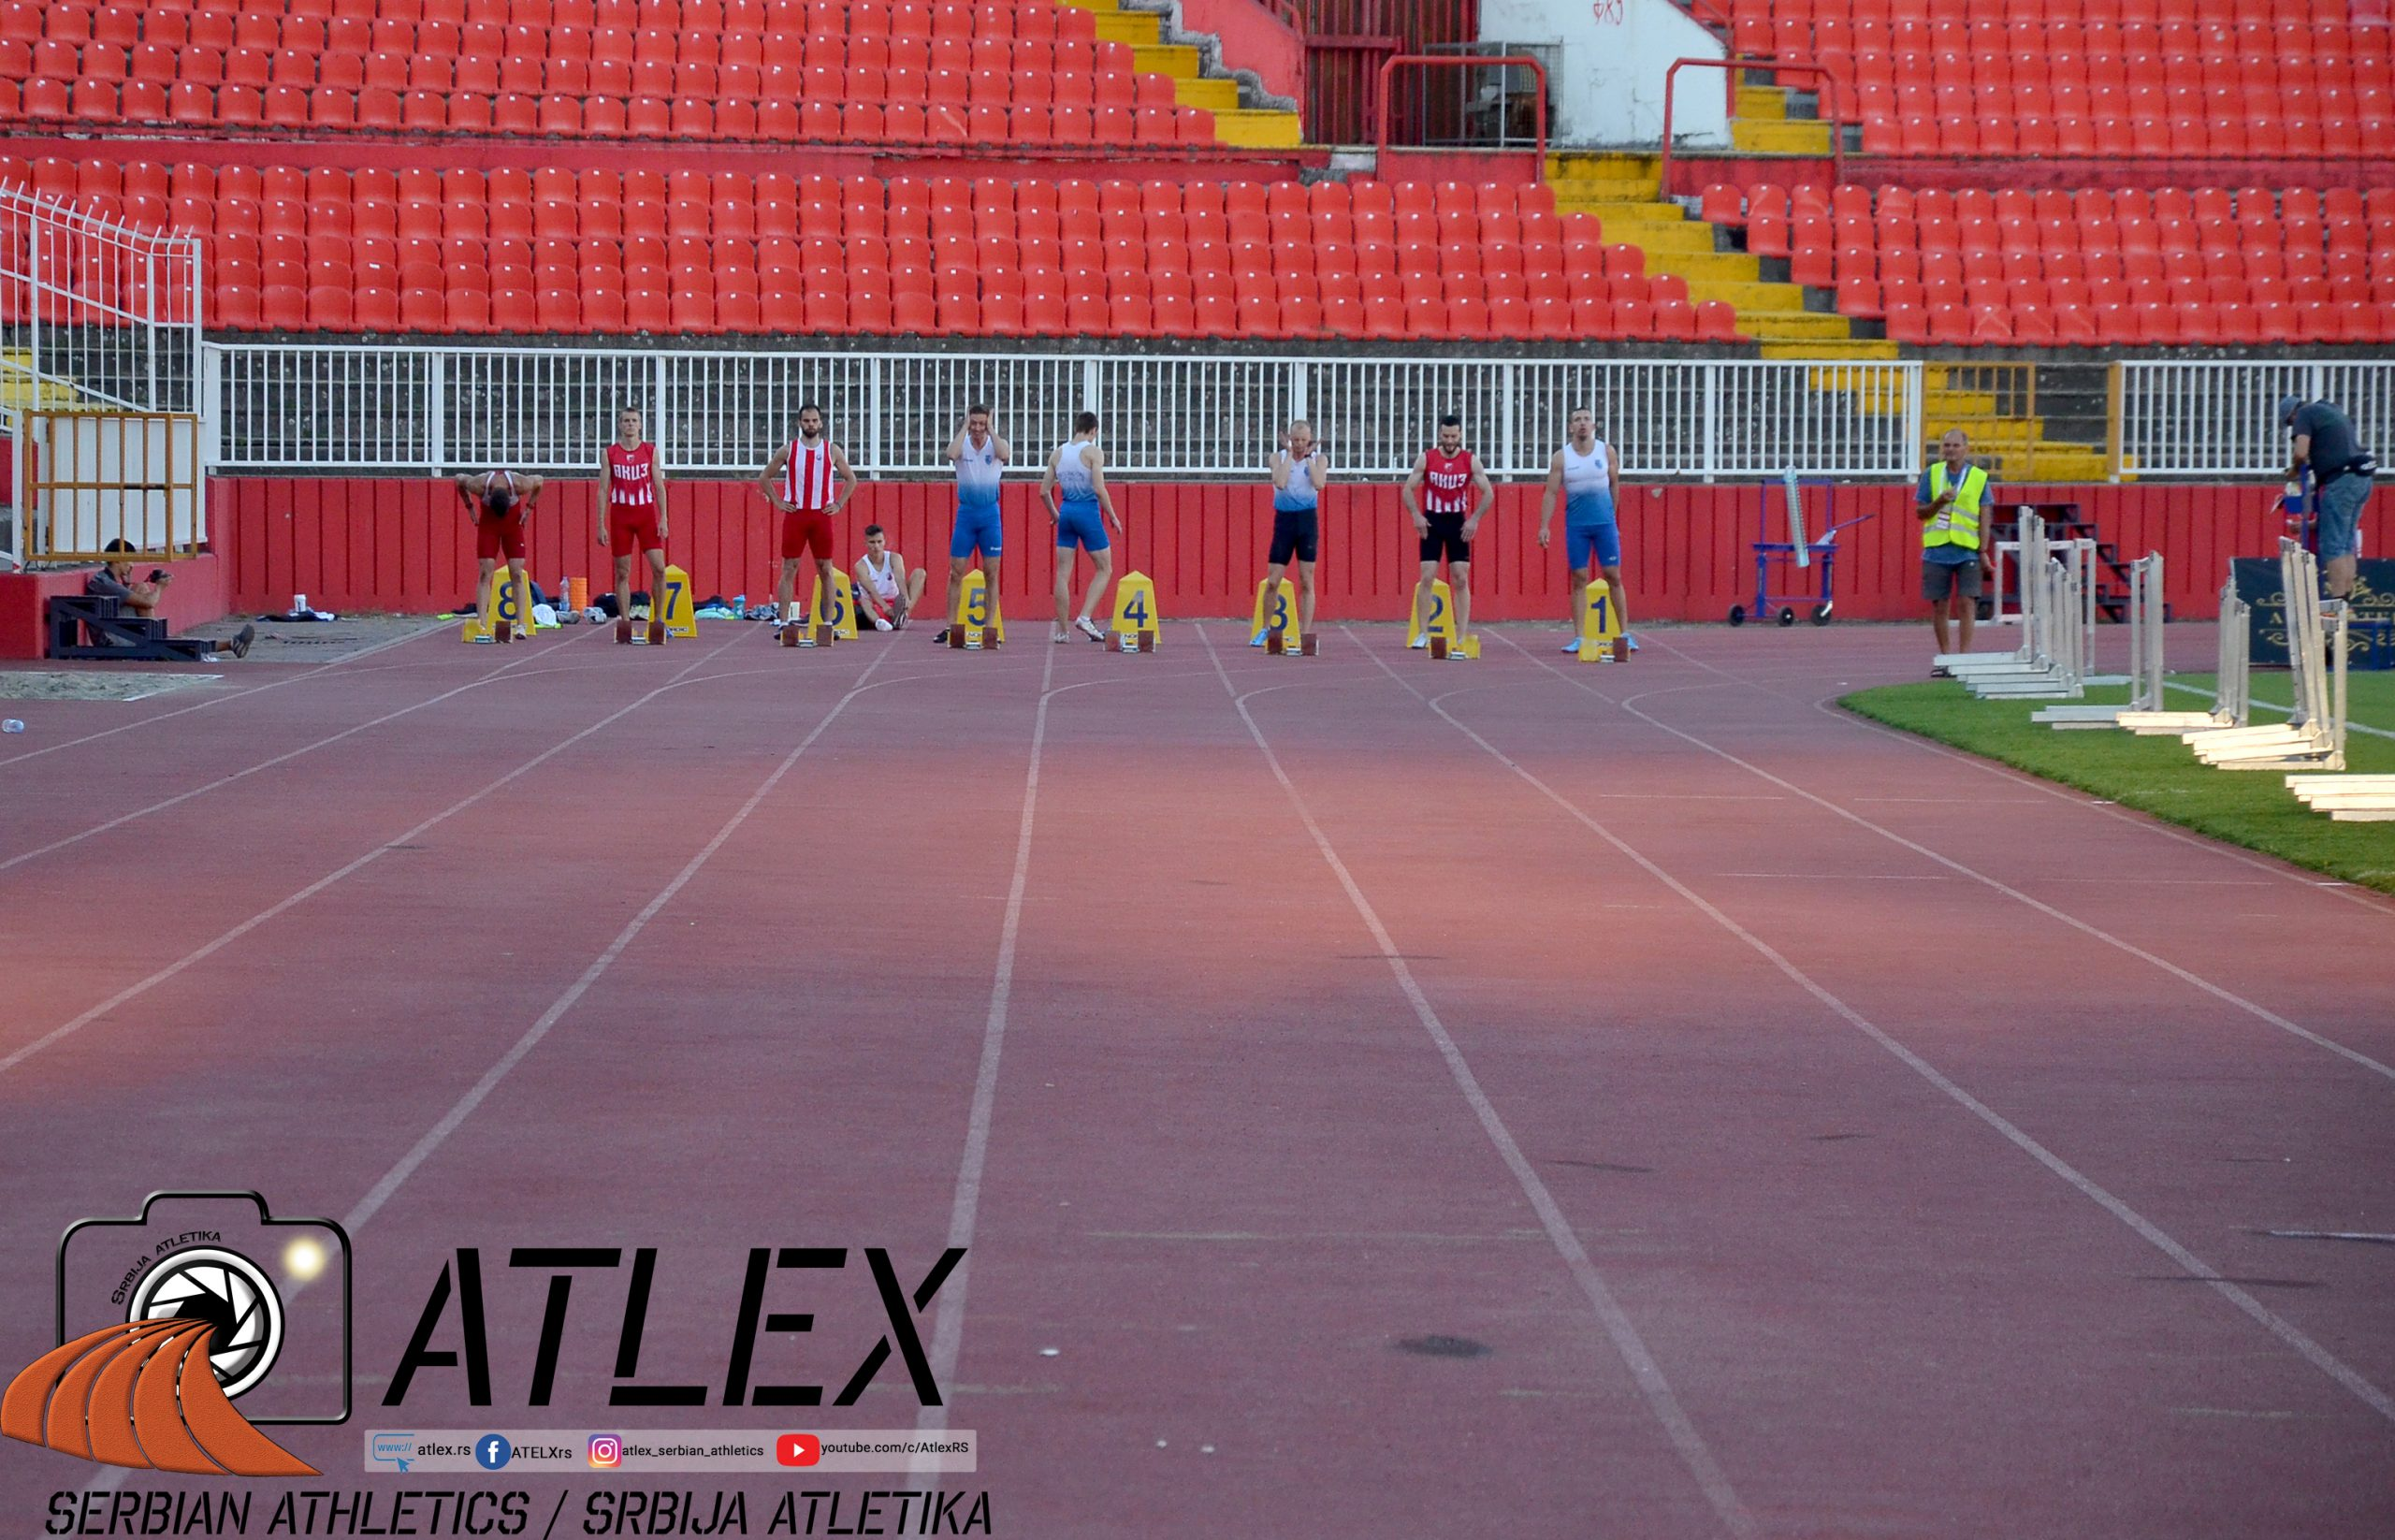 Priprema za start trke na 100m